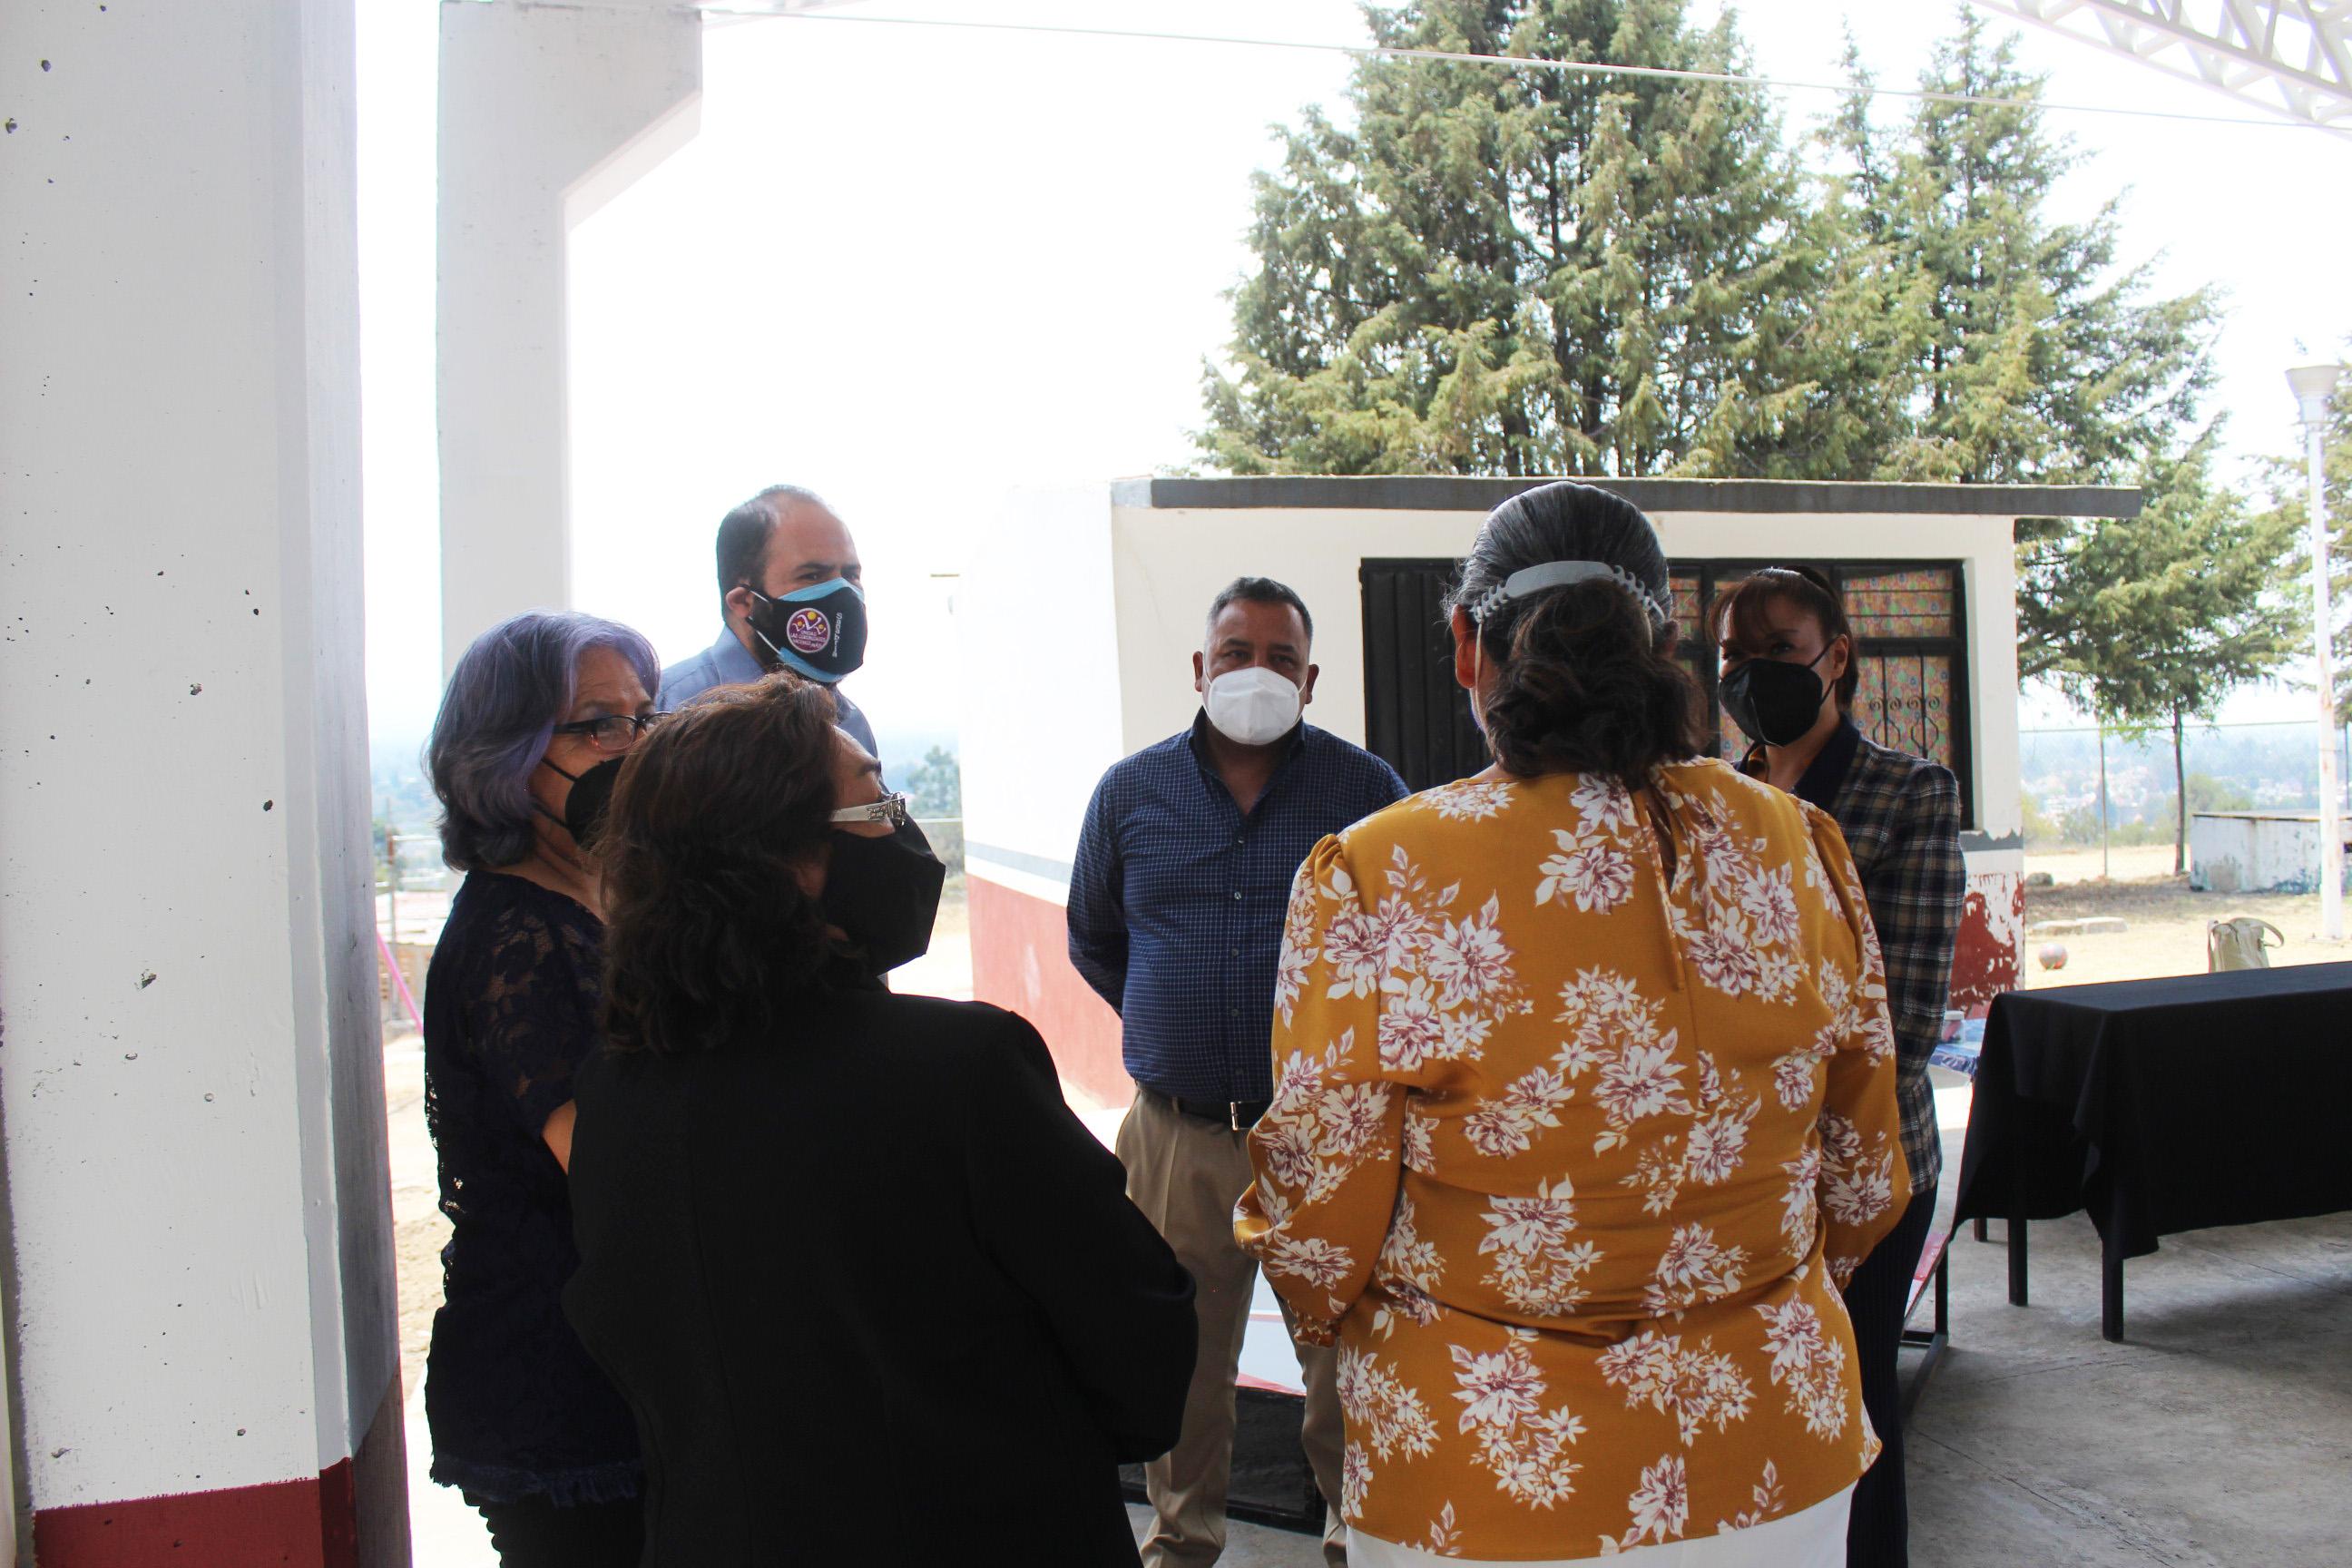 Apoyo sin precendentes, Sanabria Chávez entrega la sexta techumbre en Santa Cruz Tlaxcala